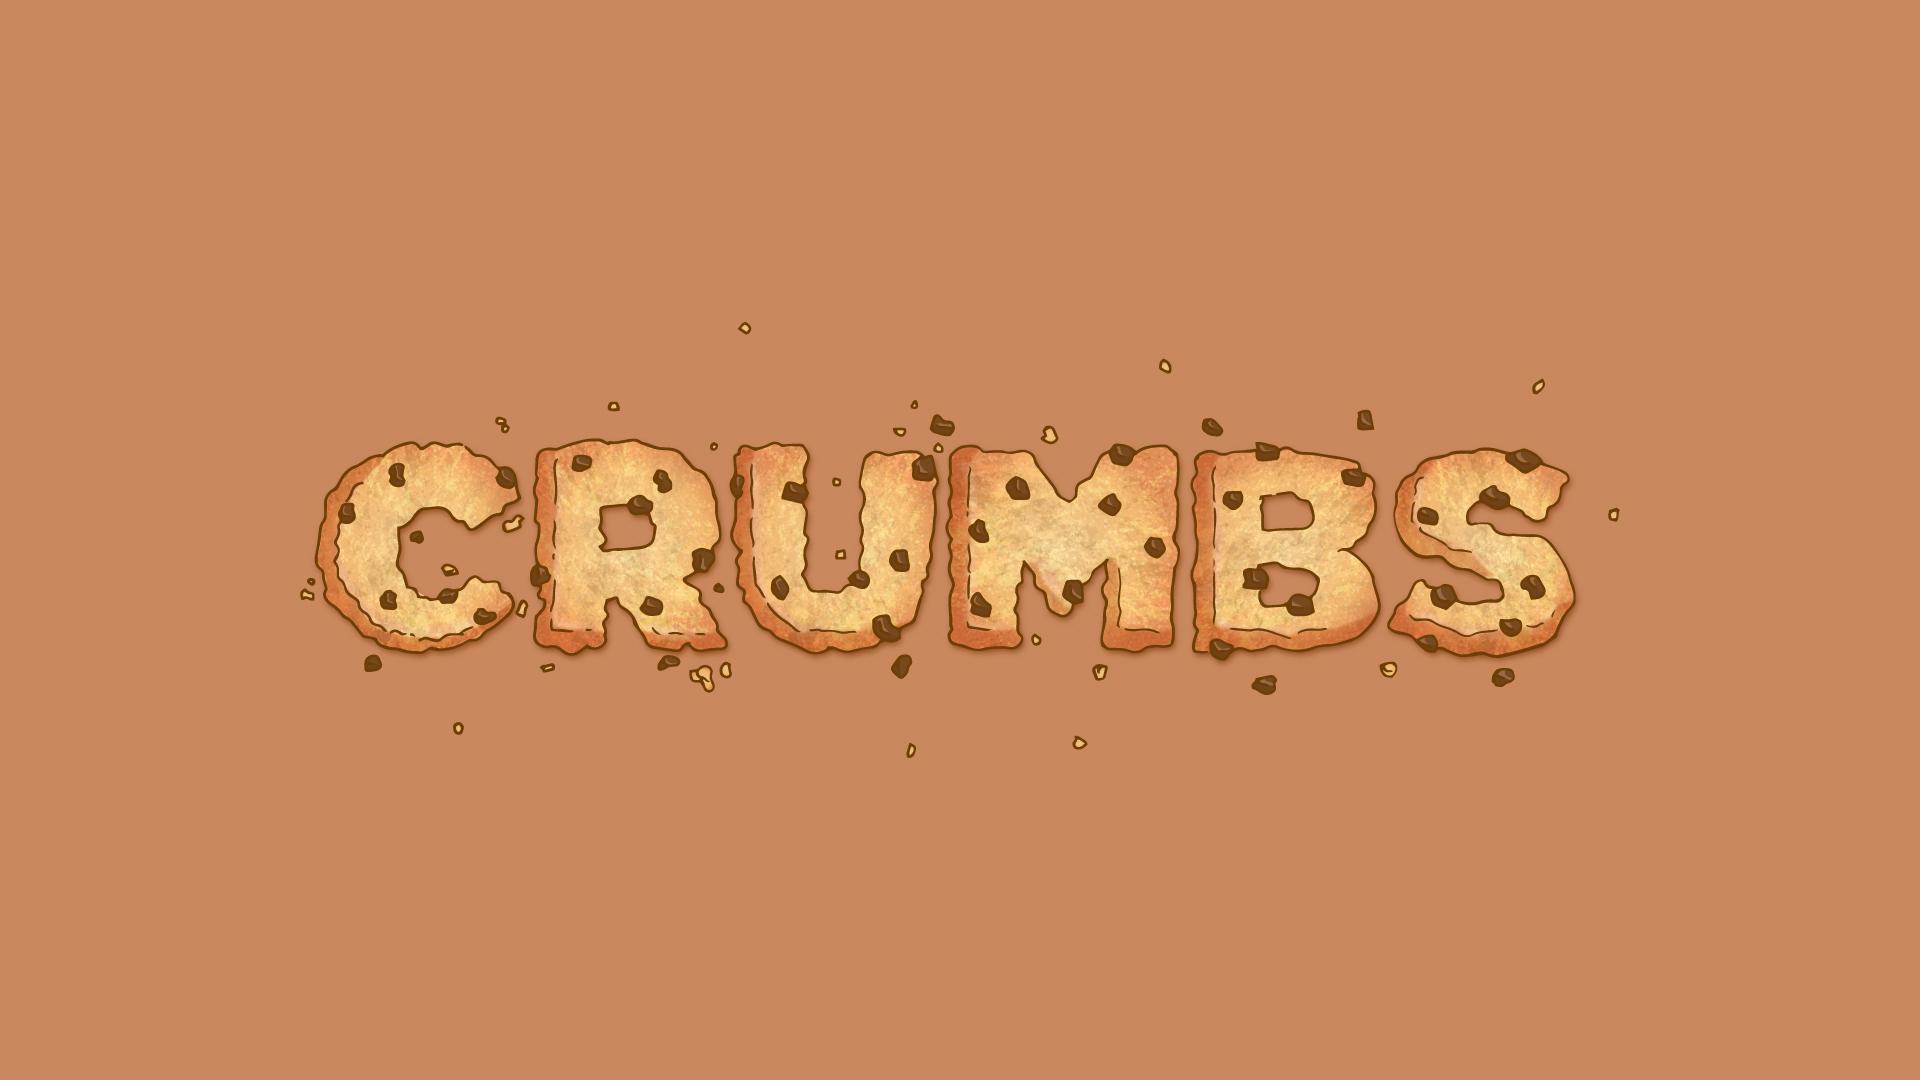 Crumbs2